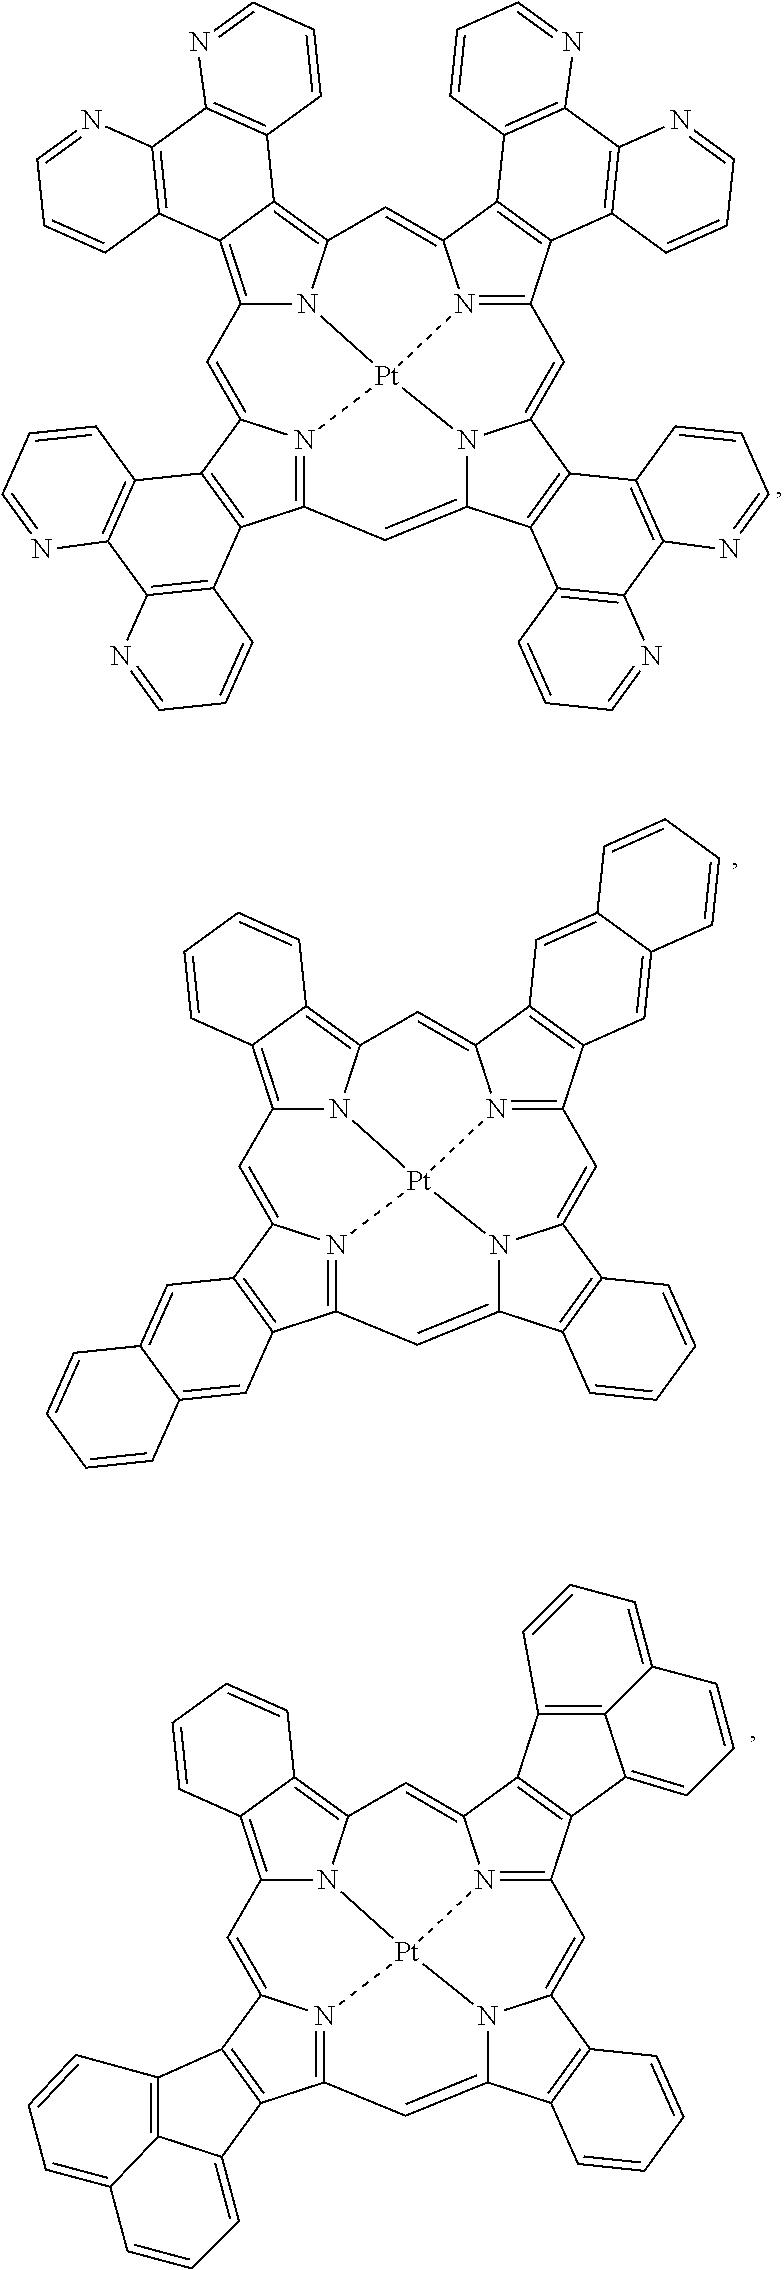 Figure US20100013386A1-20100121-C00016